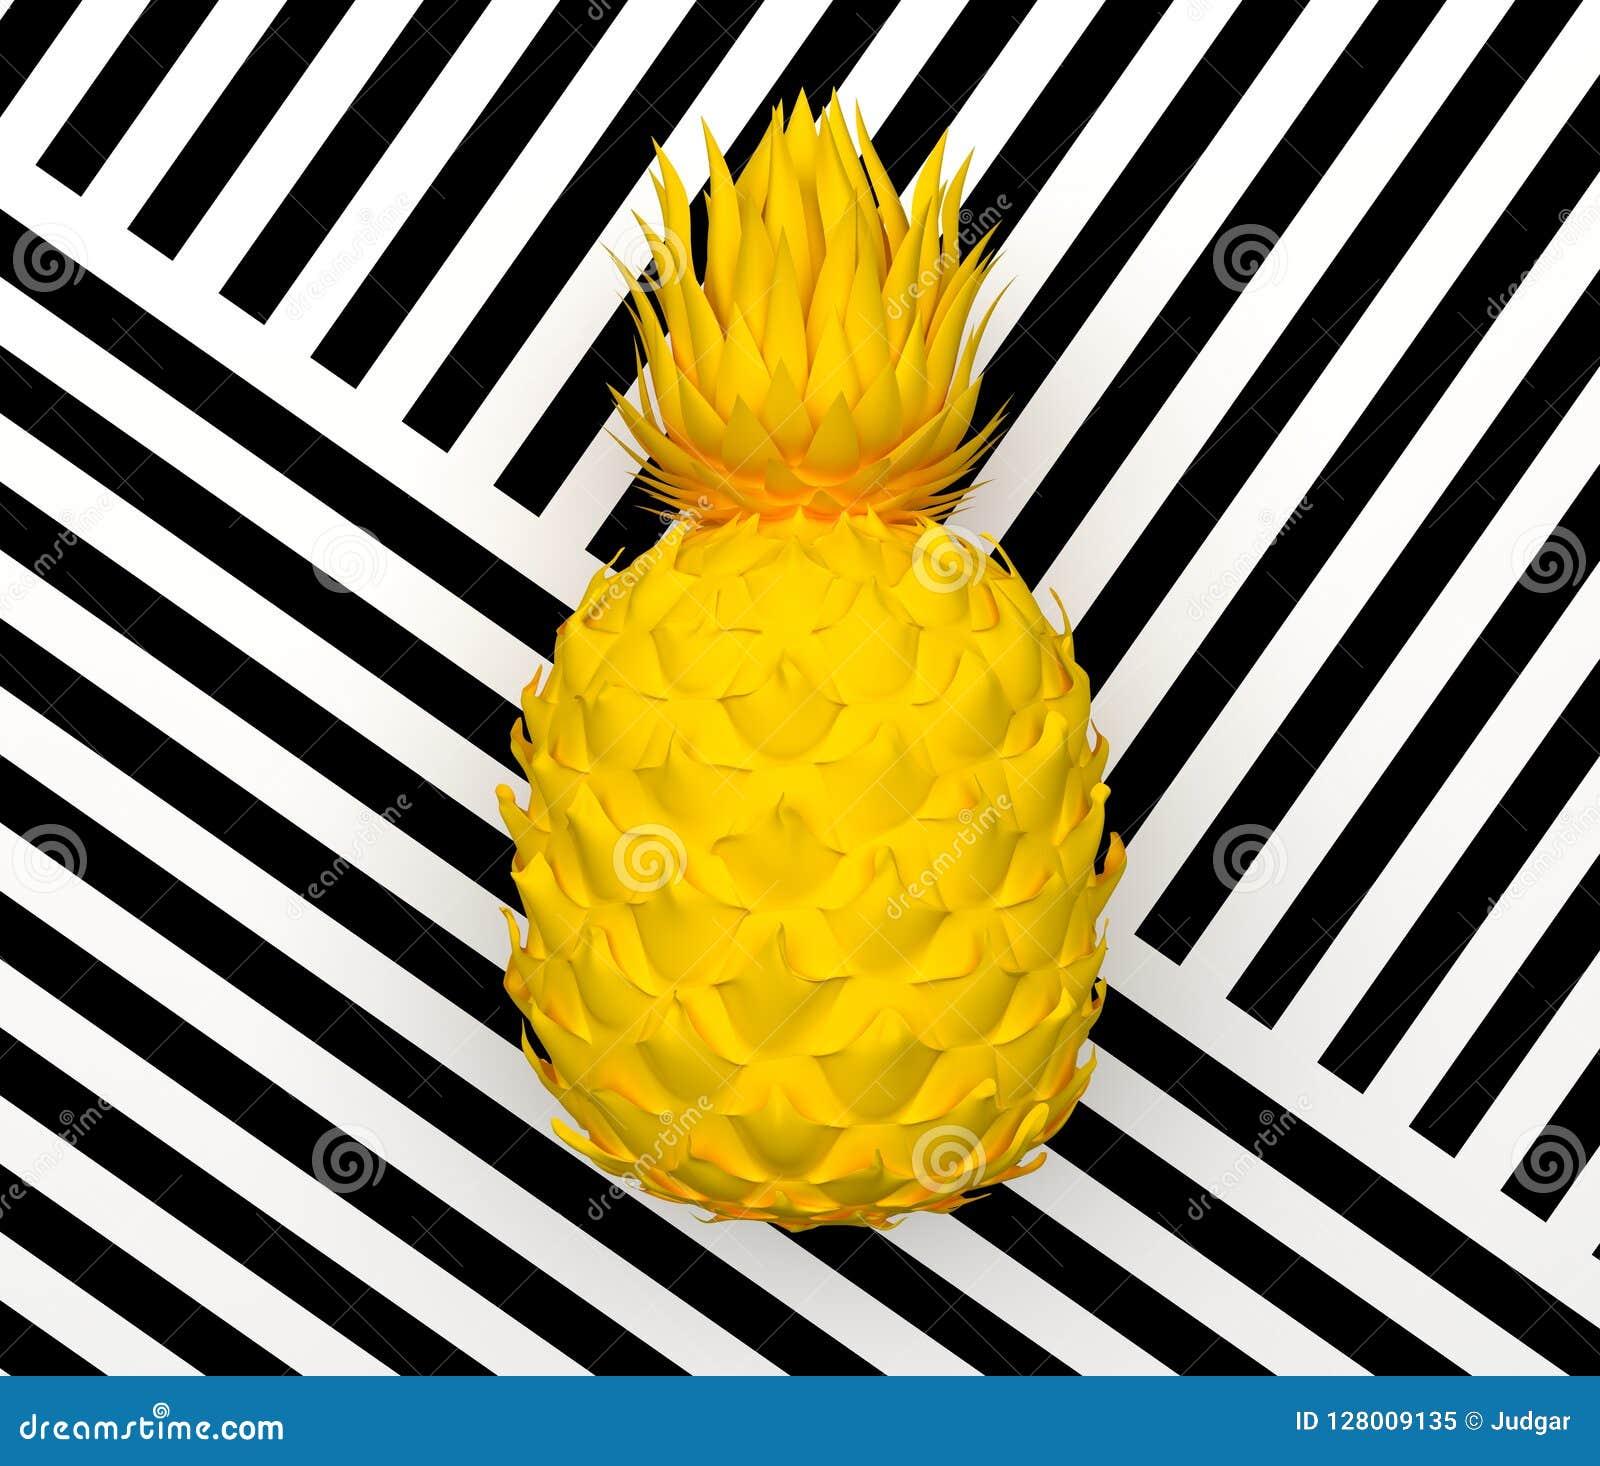 Ananas astratto giallo solo isolato su un fondo con una banda in bianco e nero Frutta esotica tropicale rappresentazione 3d